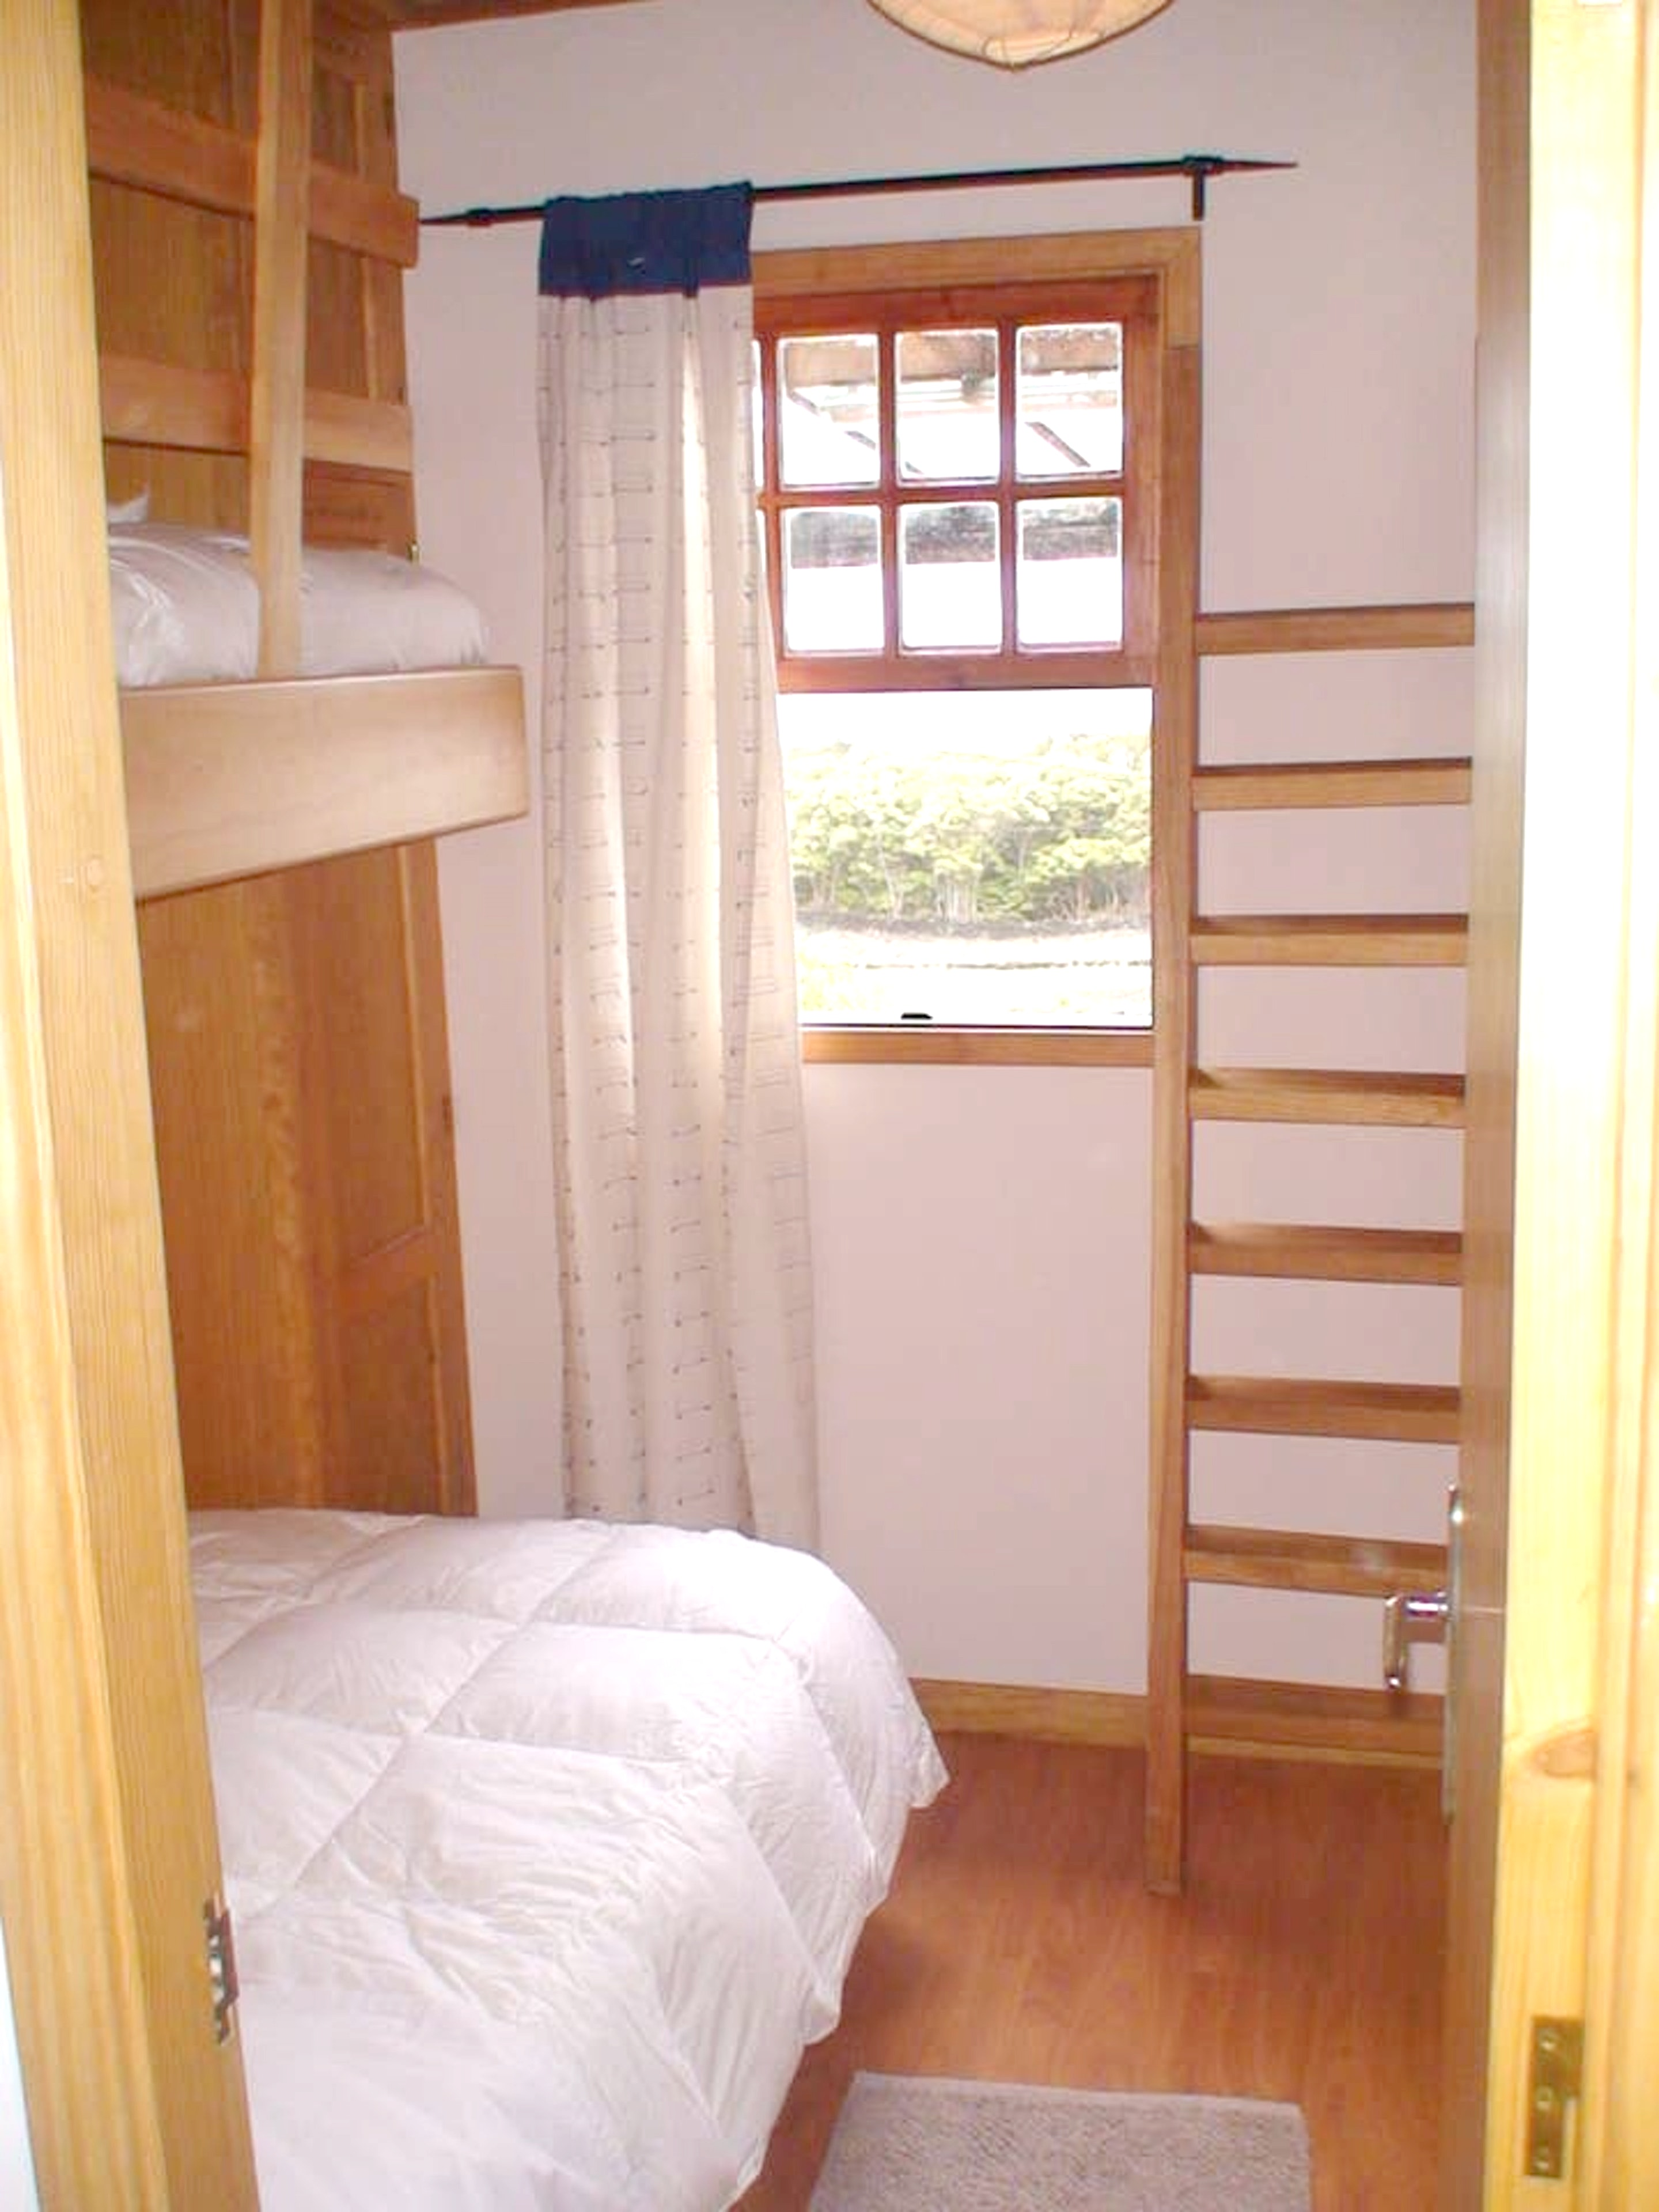 Ferienhaus Haus mit 2 Schlafzimmern in Prainha mit herrlichem Meerblick, möblierter Terrasse und W-LA (2730065), Prainha, Pico, Azoren, Portugal, Bild 6